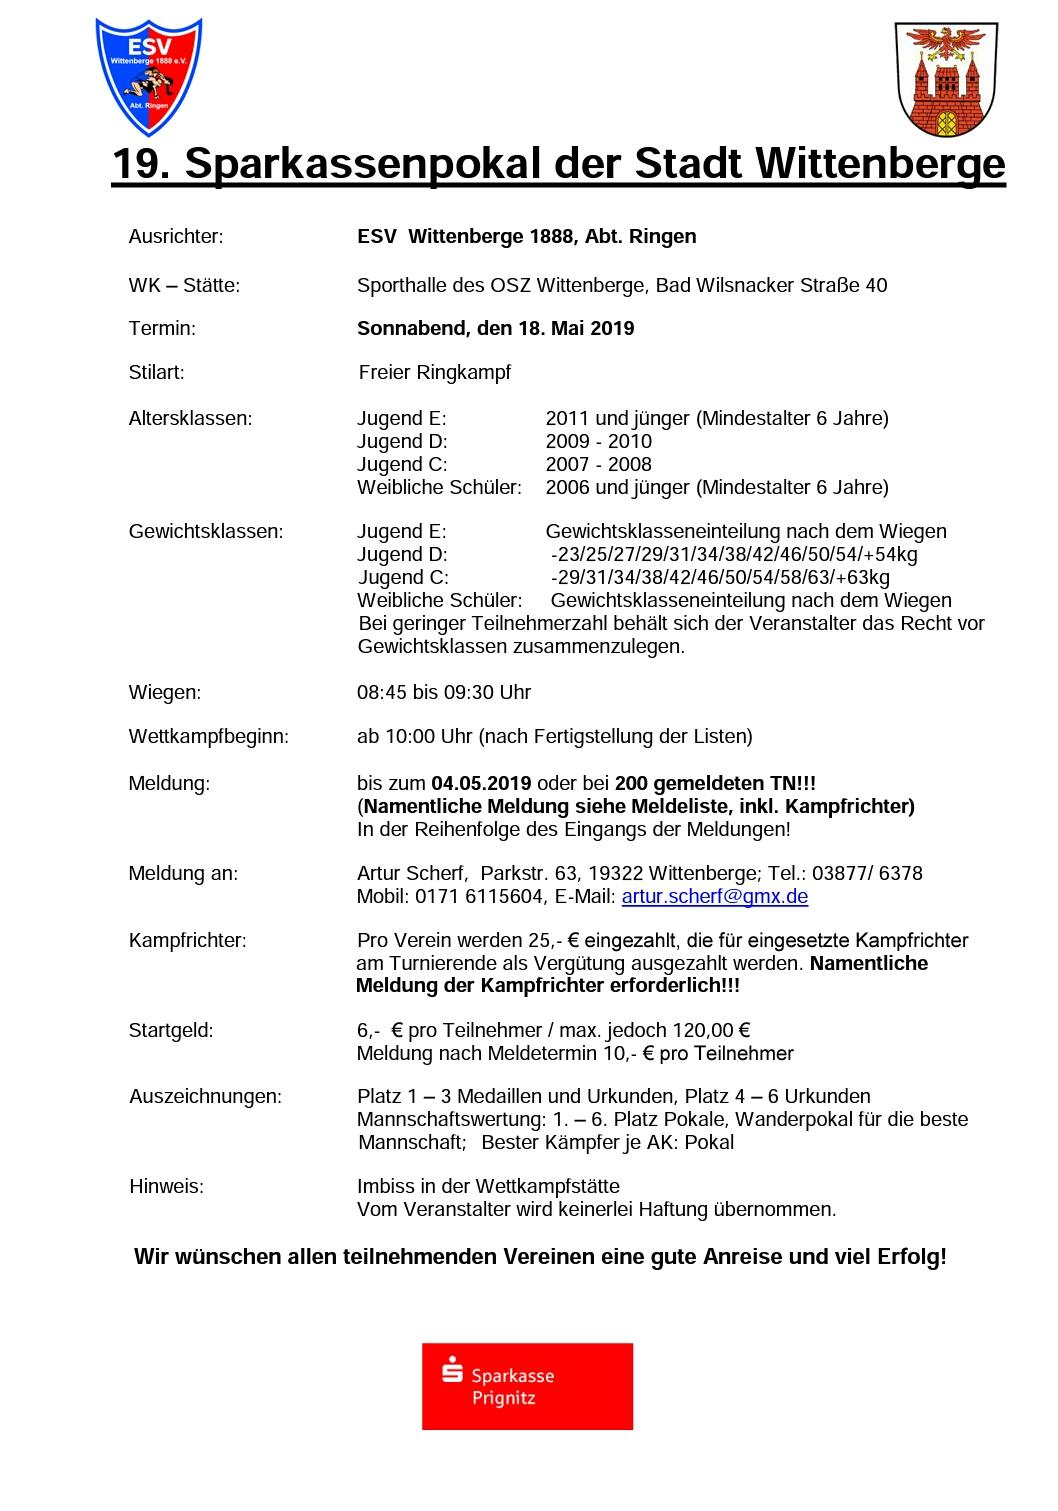 Sparkassenpokal Wittenberge